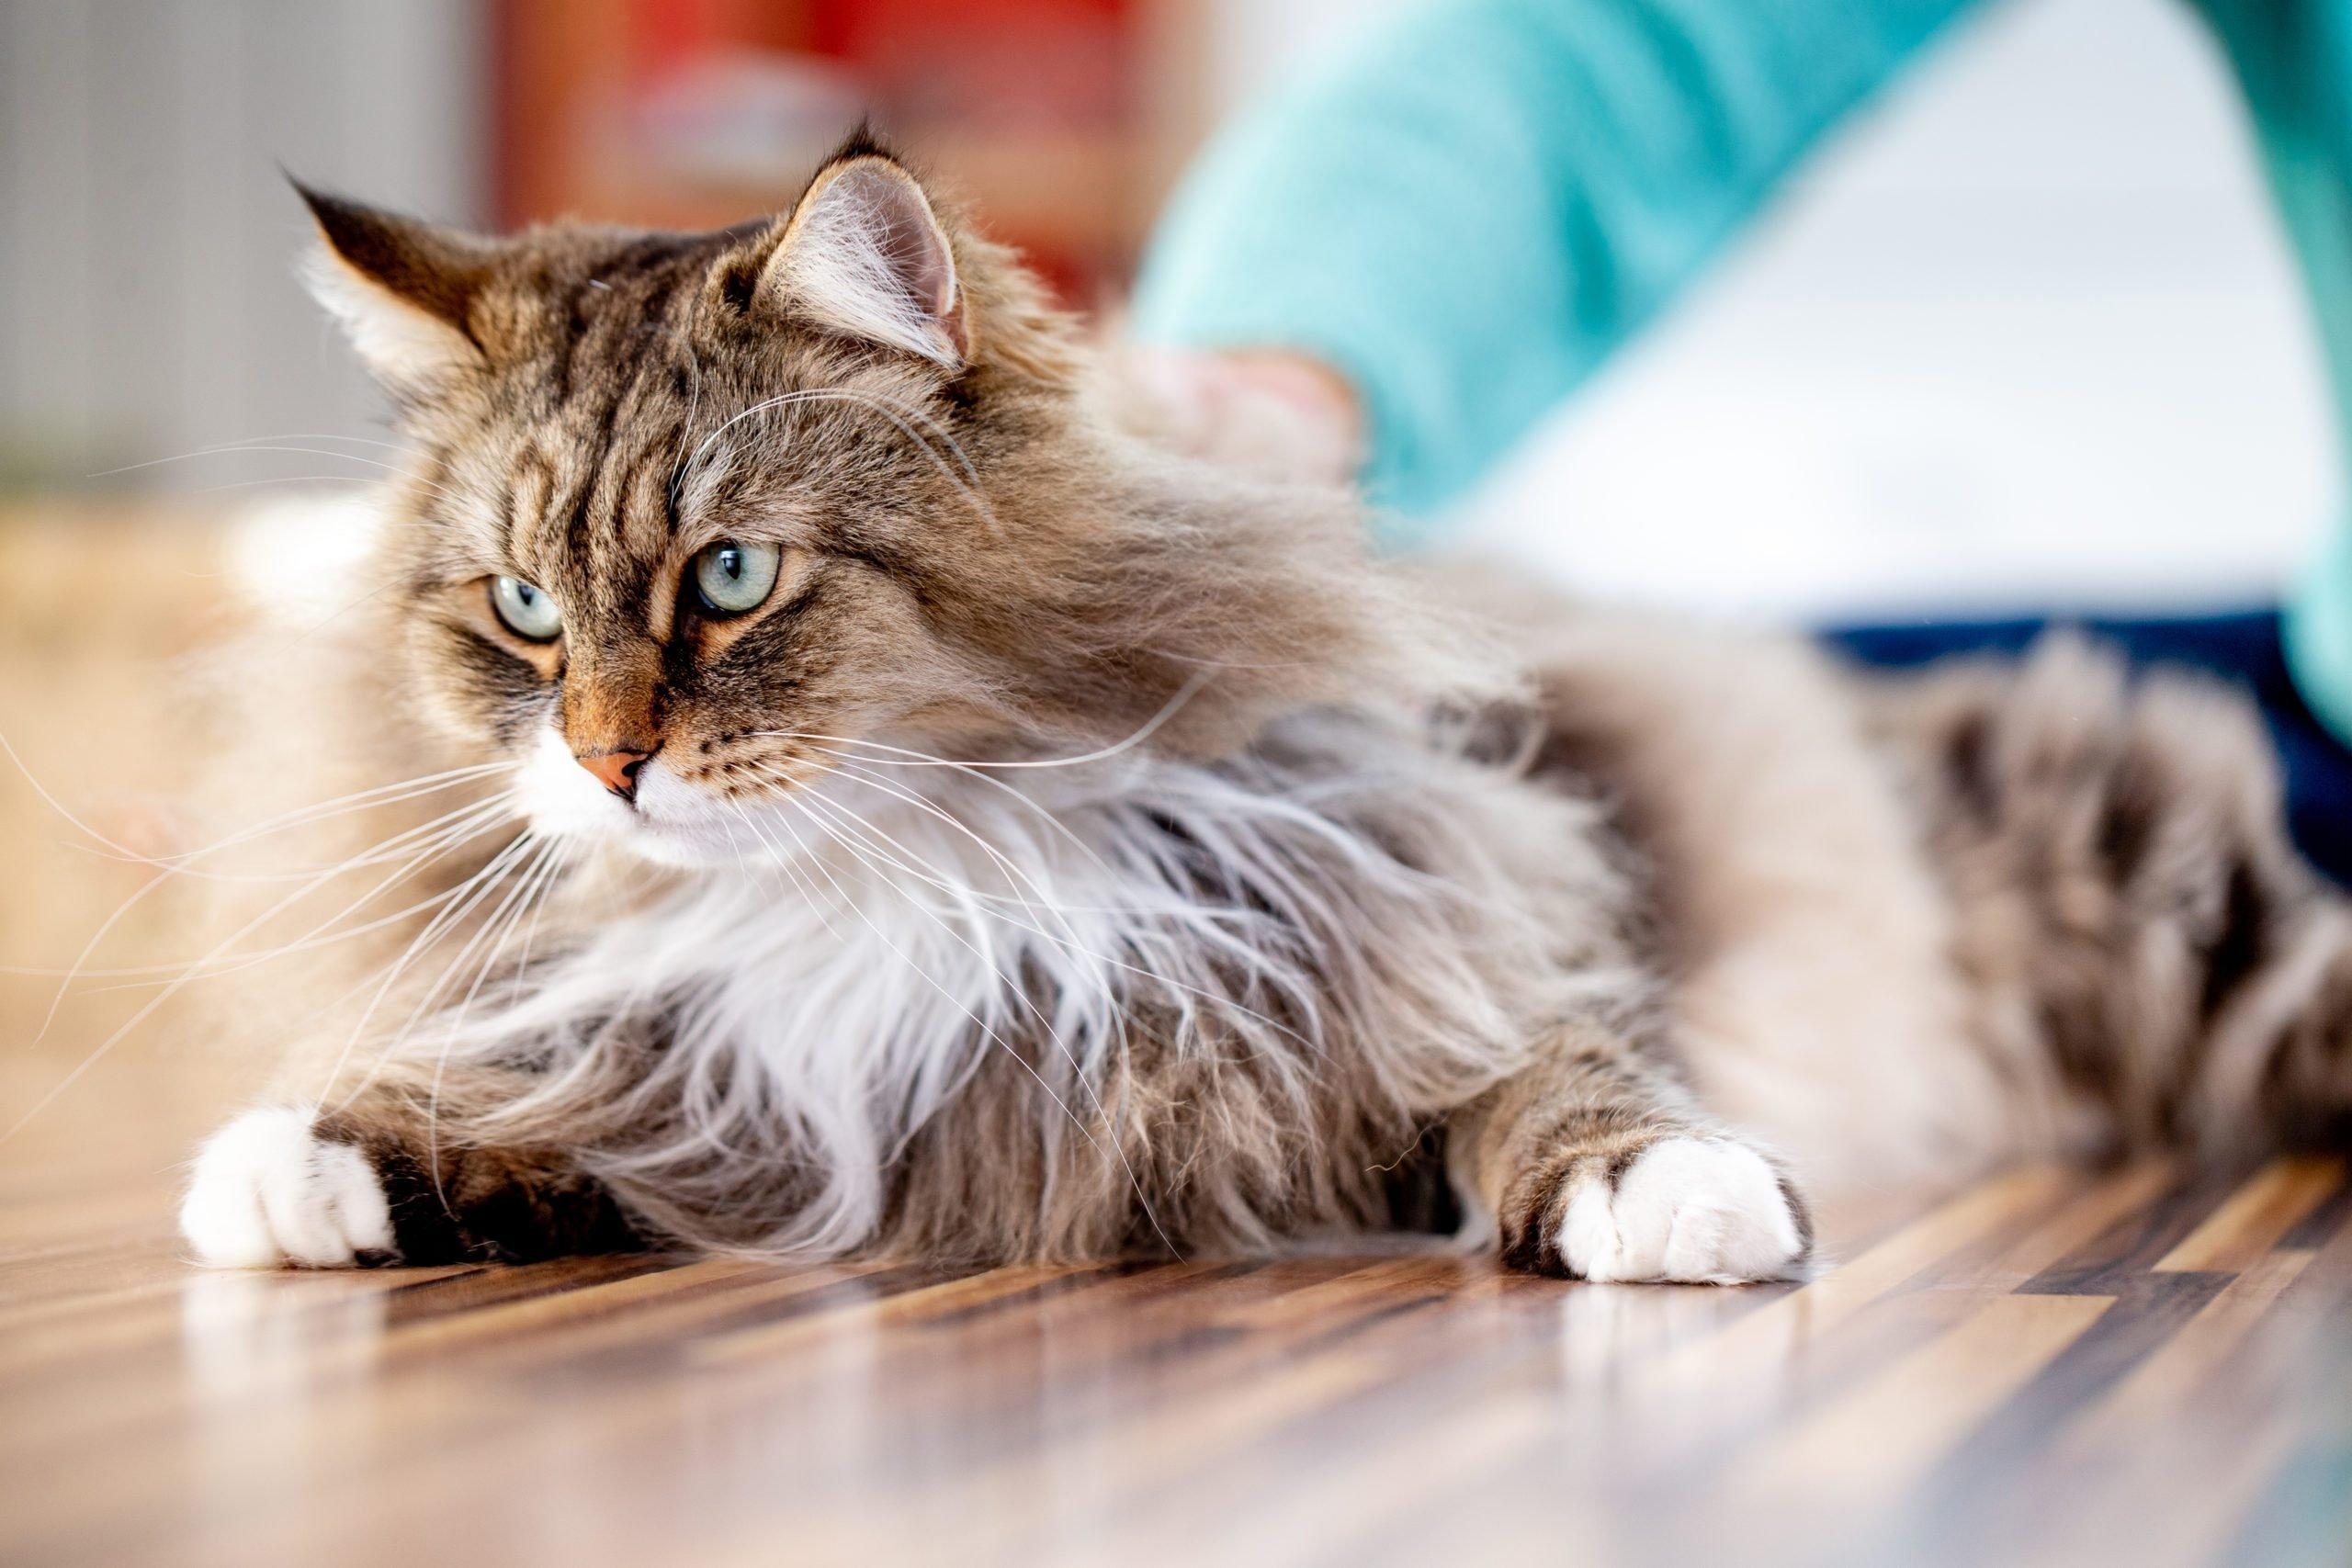 Siberian Cat Relaxing on the Floor Indoors